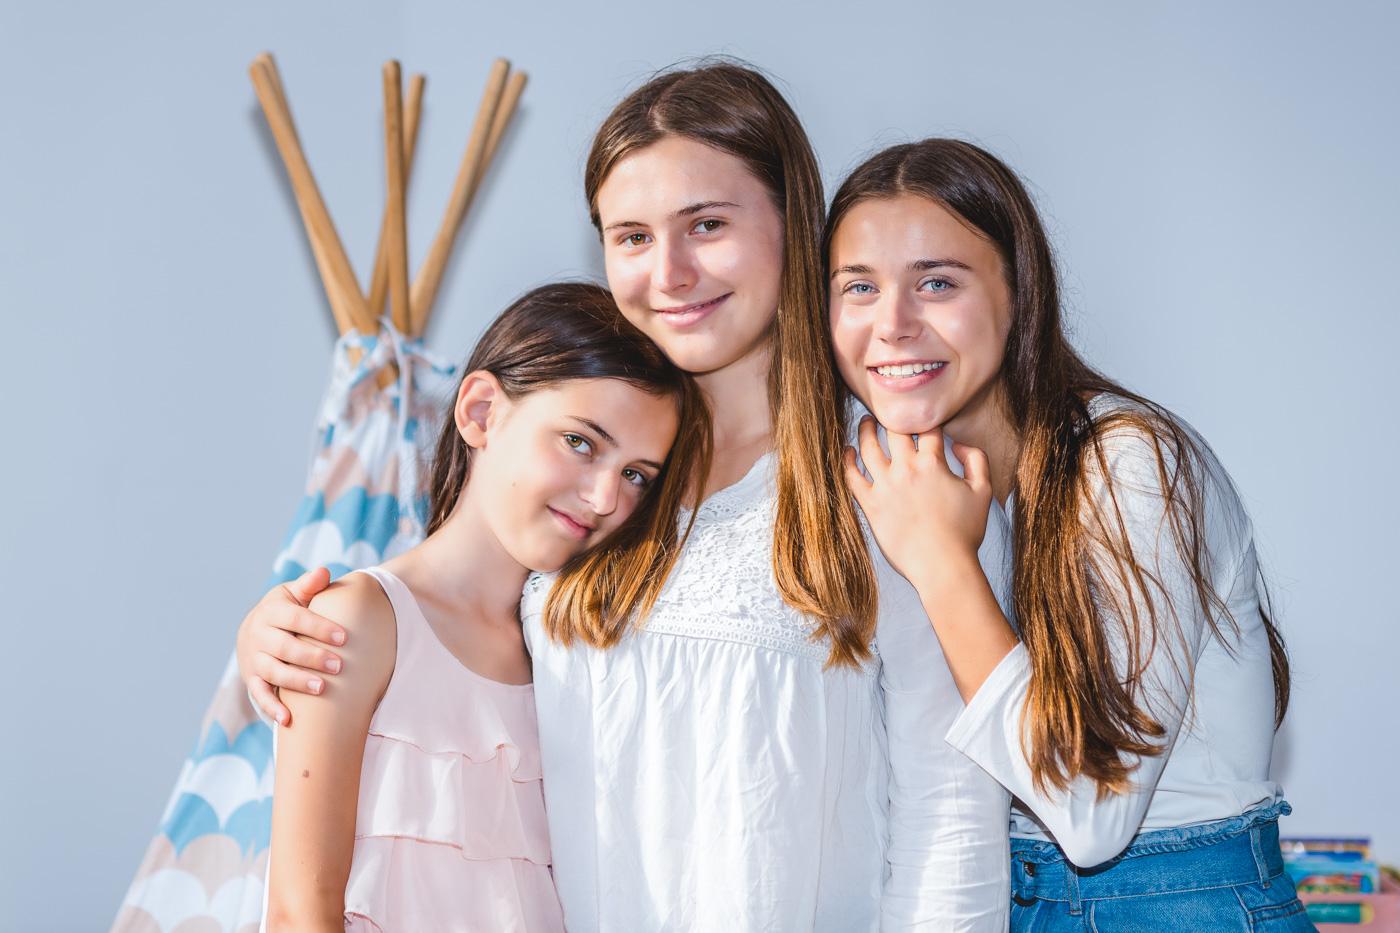 Grahlfoto Familienshooting Dokumentarische Familienfotografie by Cordula Maria Grahl